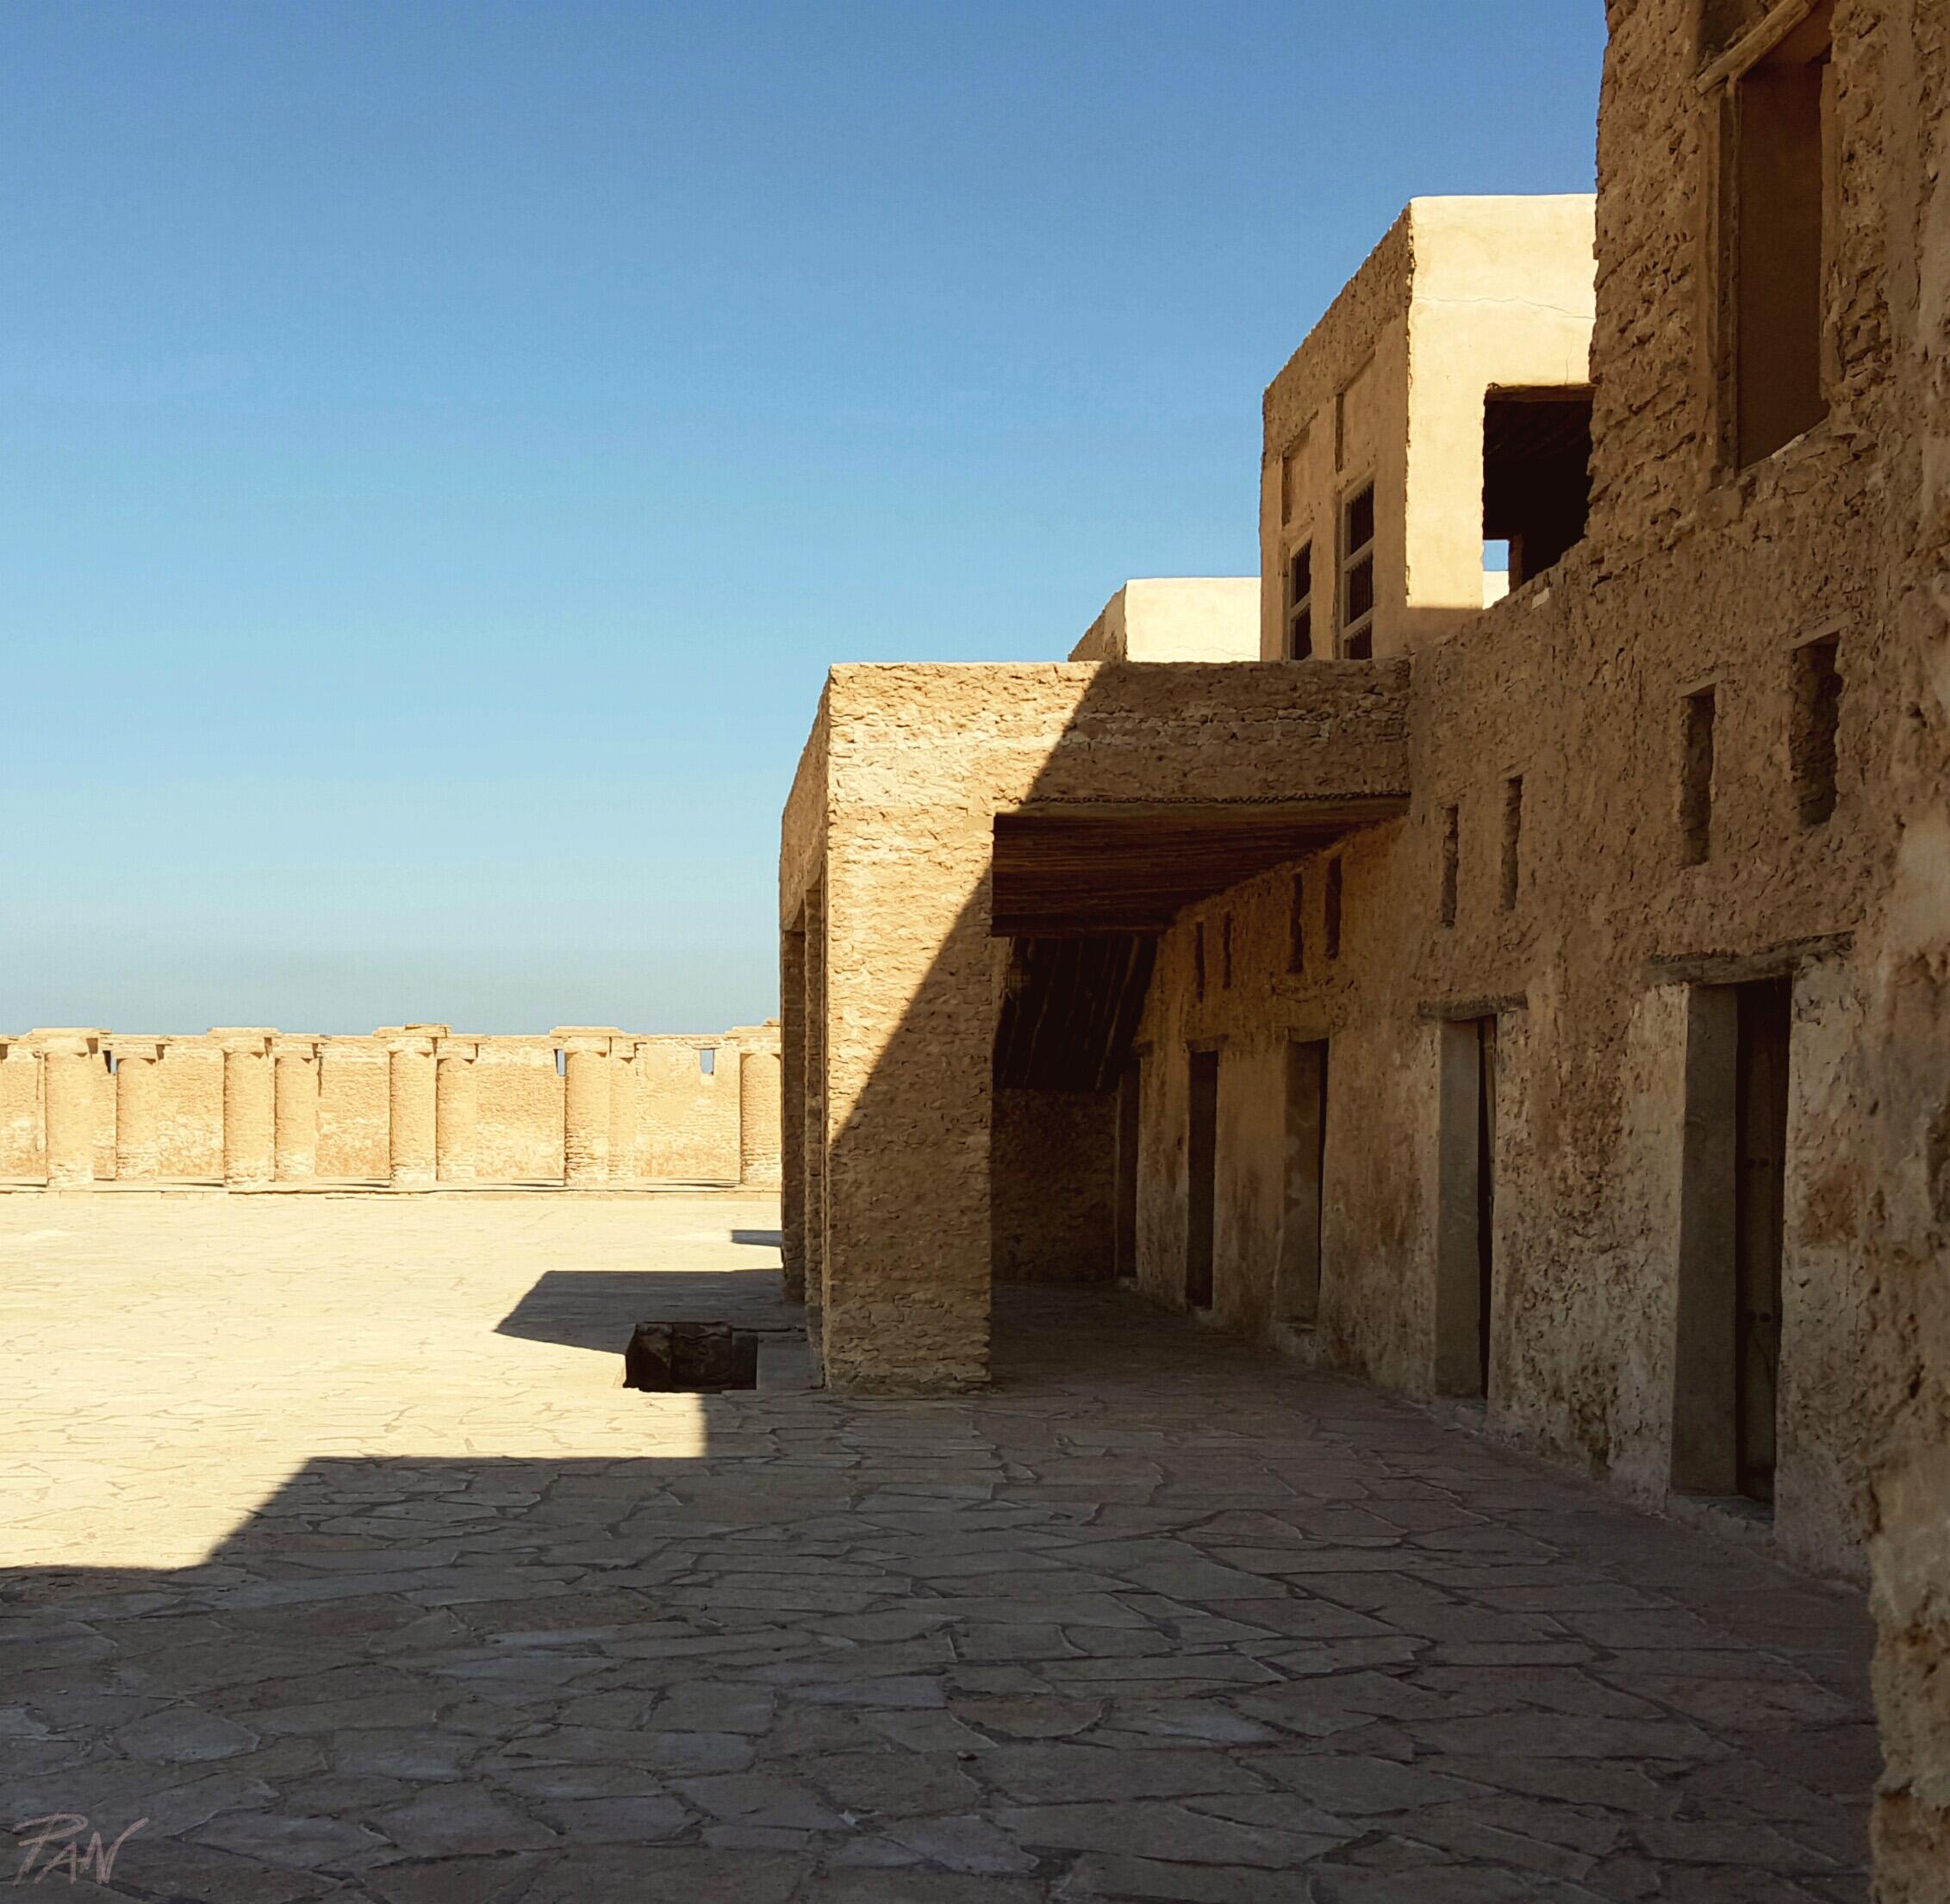 Intrico di architetture presso Al-uqair beach, ph. PaN